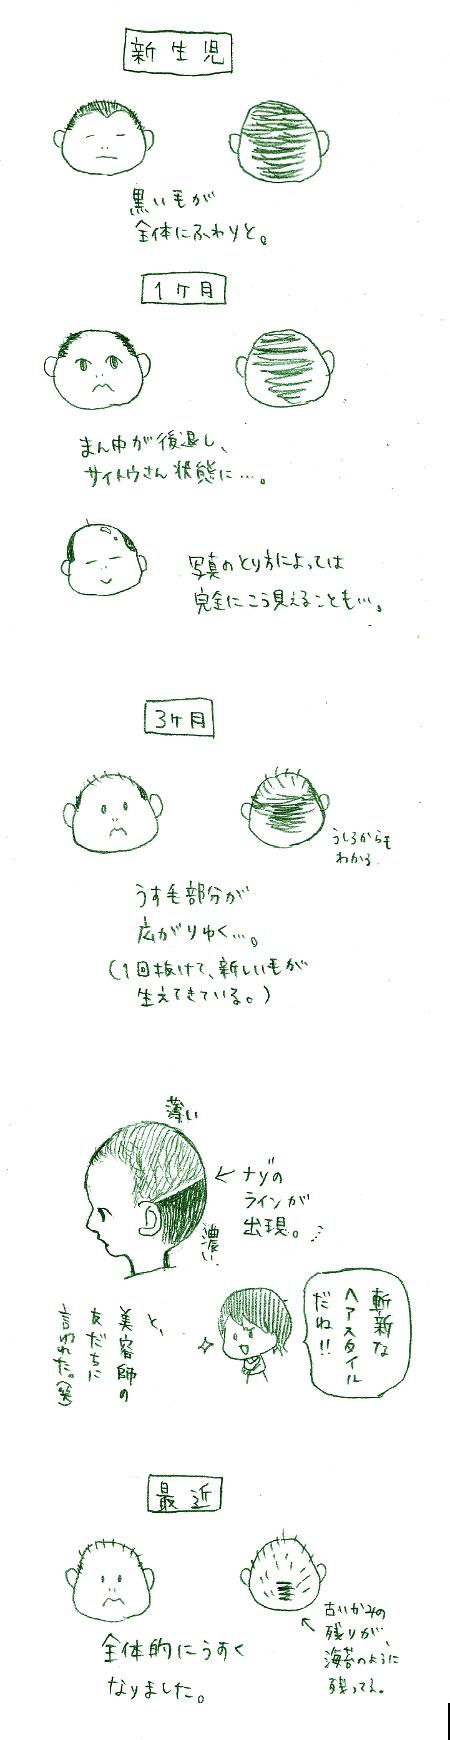 ゆうきマンガ3